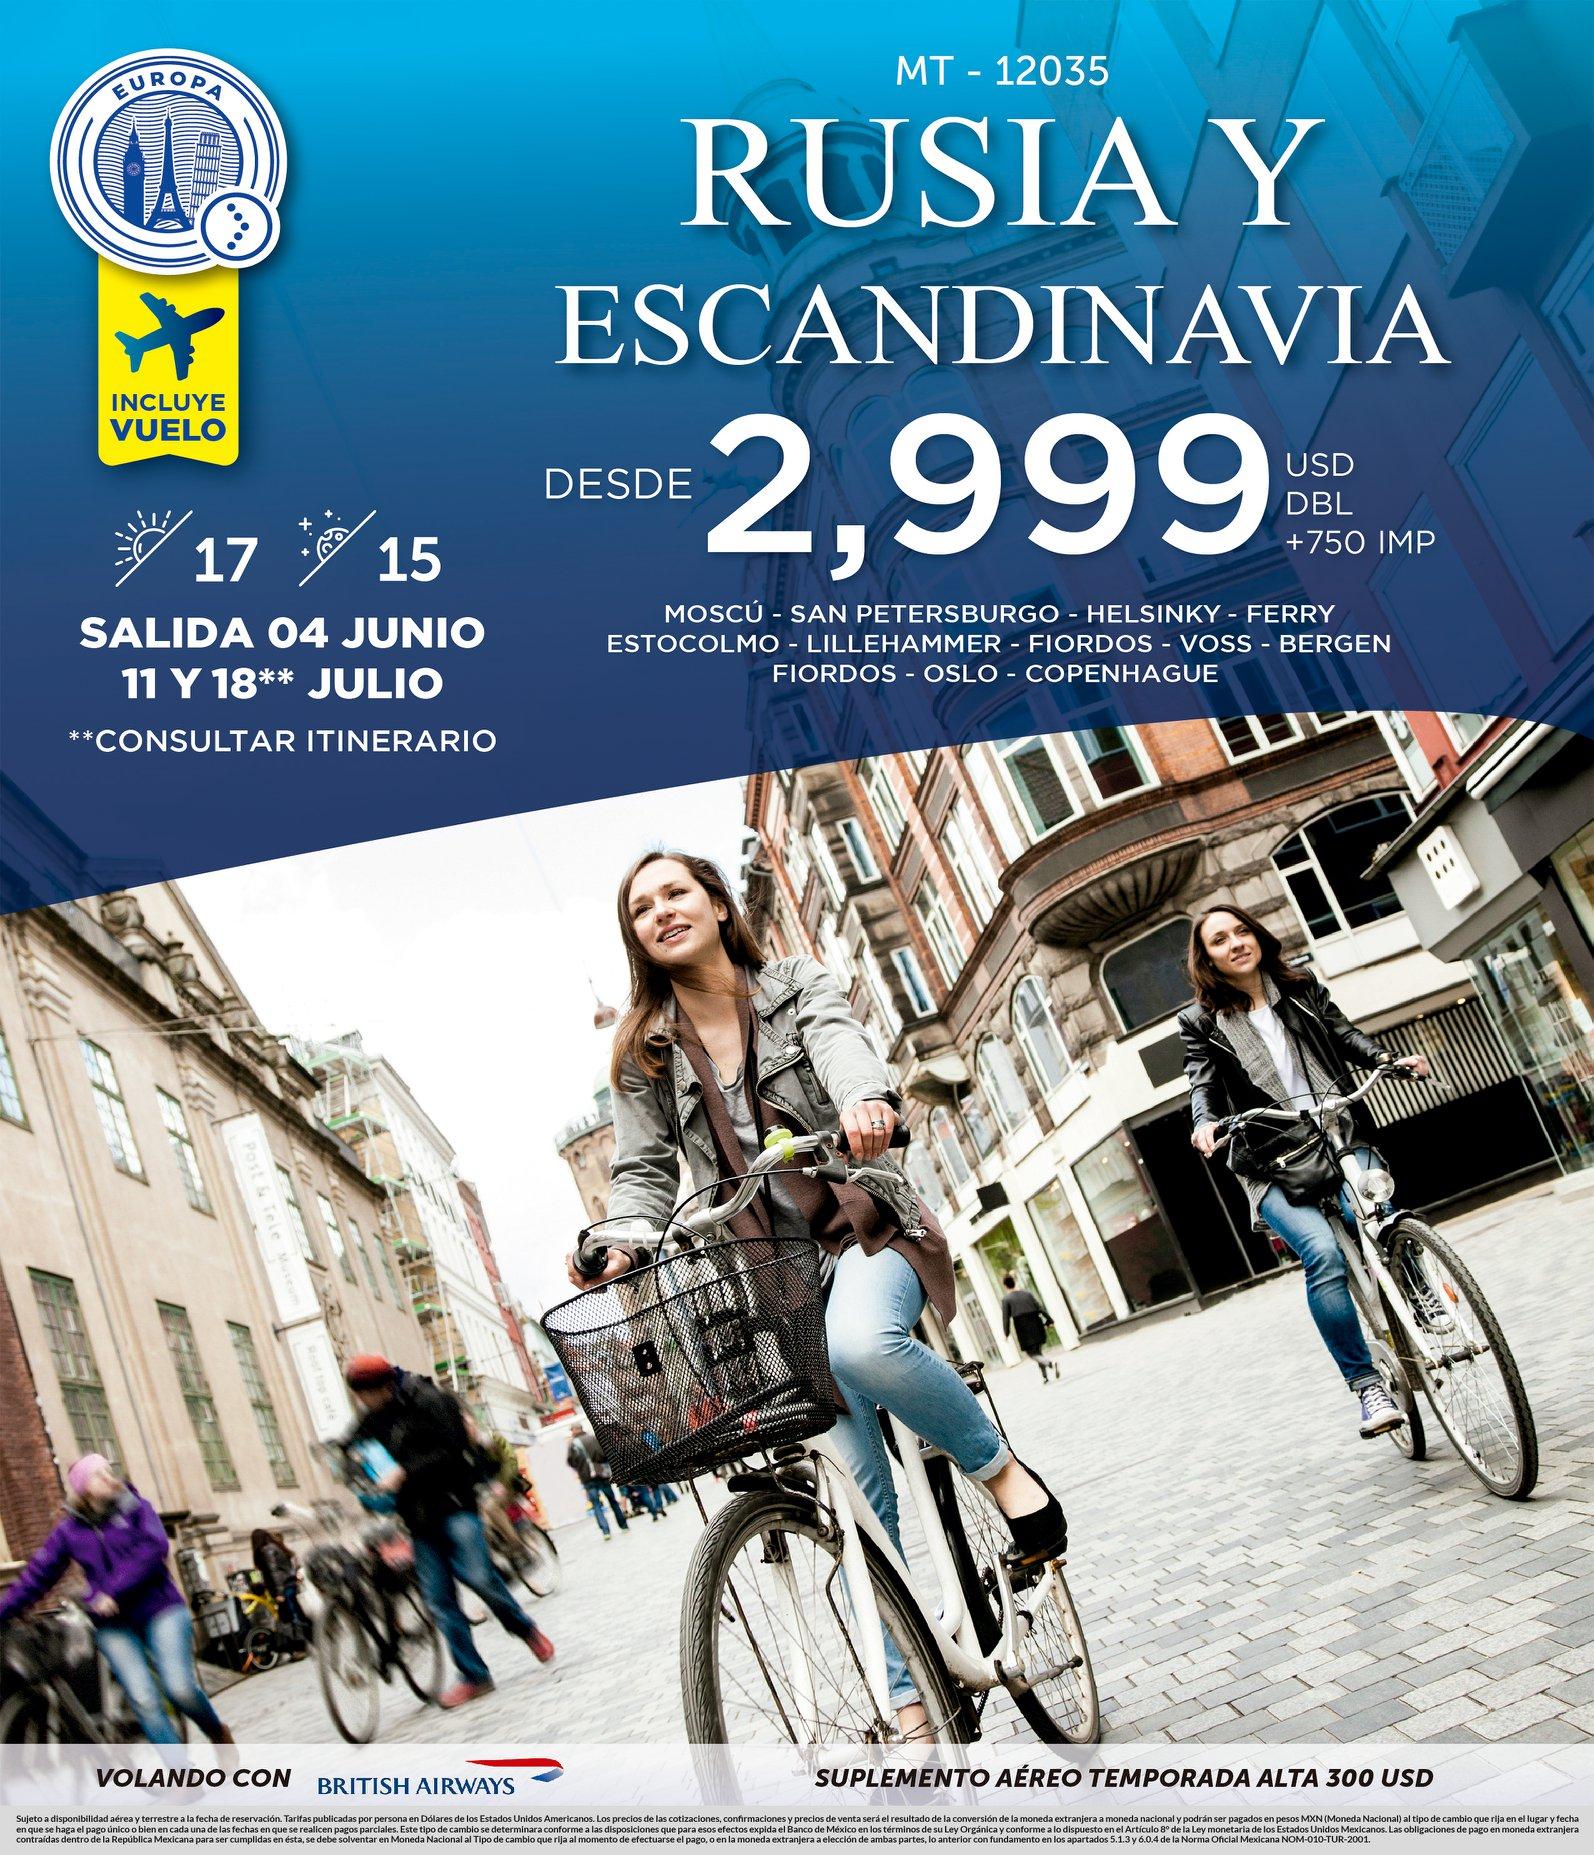 Mejores Ofertas a Rusia Y Escandinavia Vuelos Incluidos